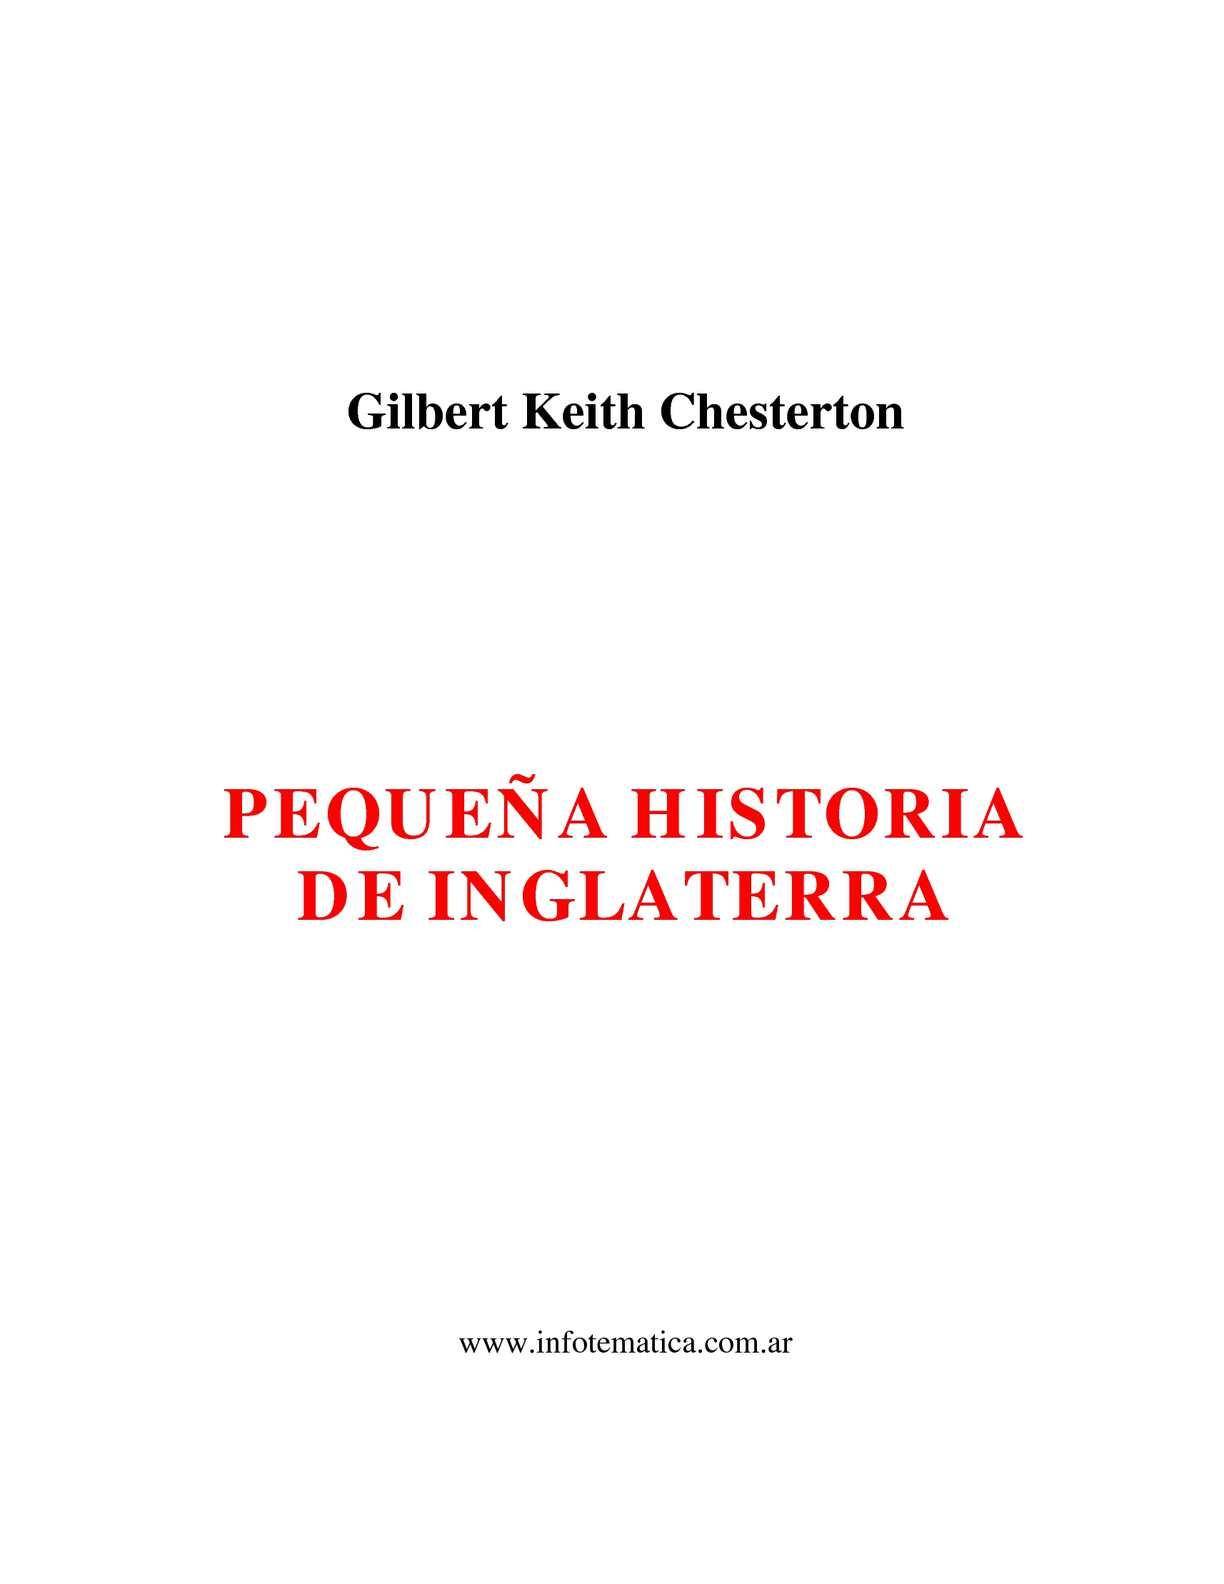 Calaméo - Pequeña Historia de Inglaterra - Chesterton